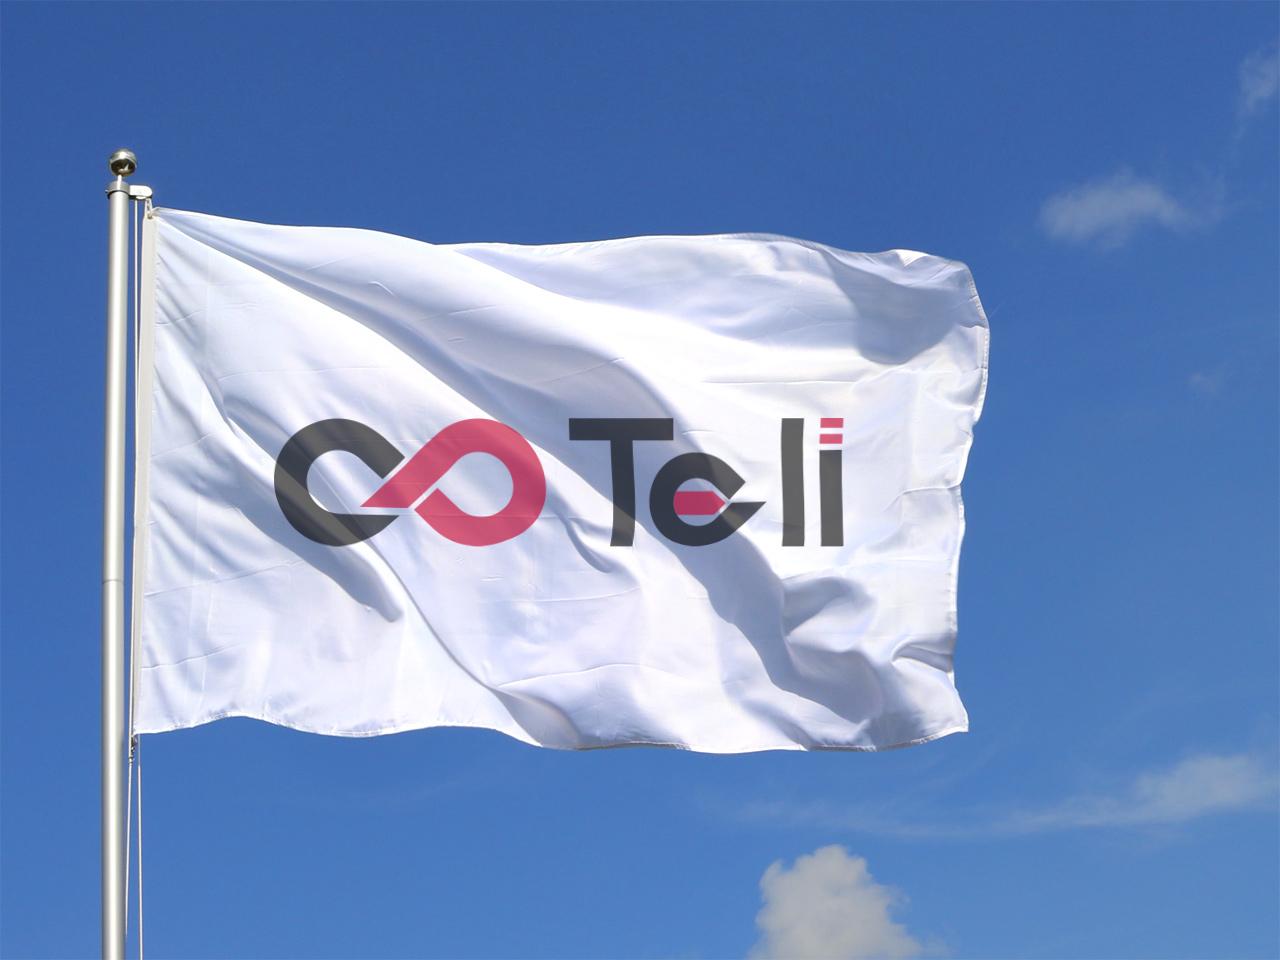 Разработка логотипа и фирменного стиля фото f_96158f9c708b23e1.jpg